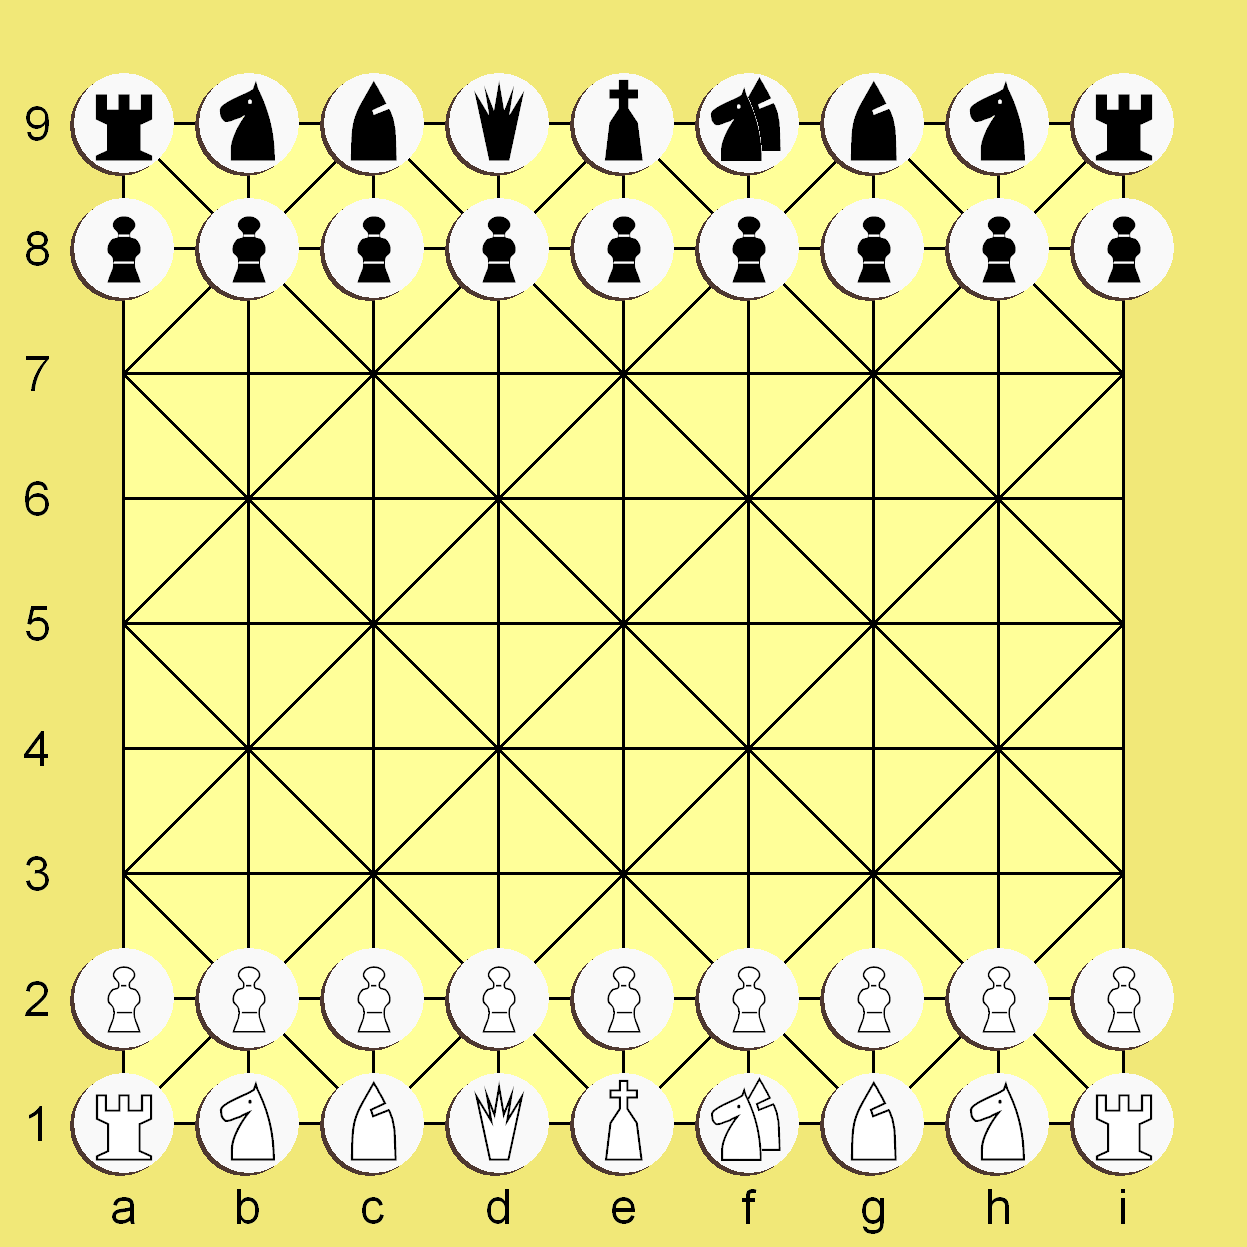 Chesquerque - Wikipedia